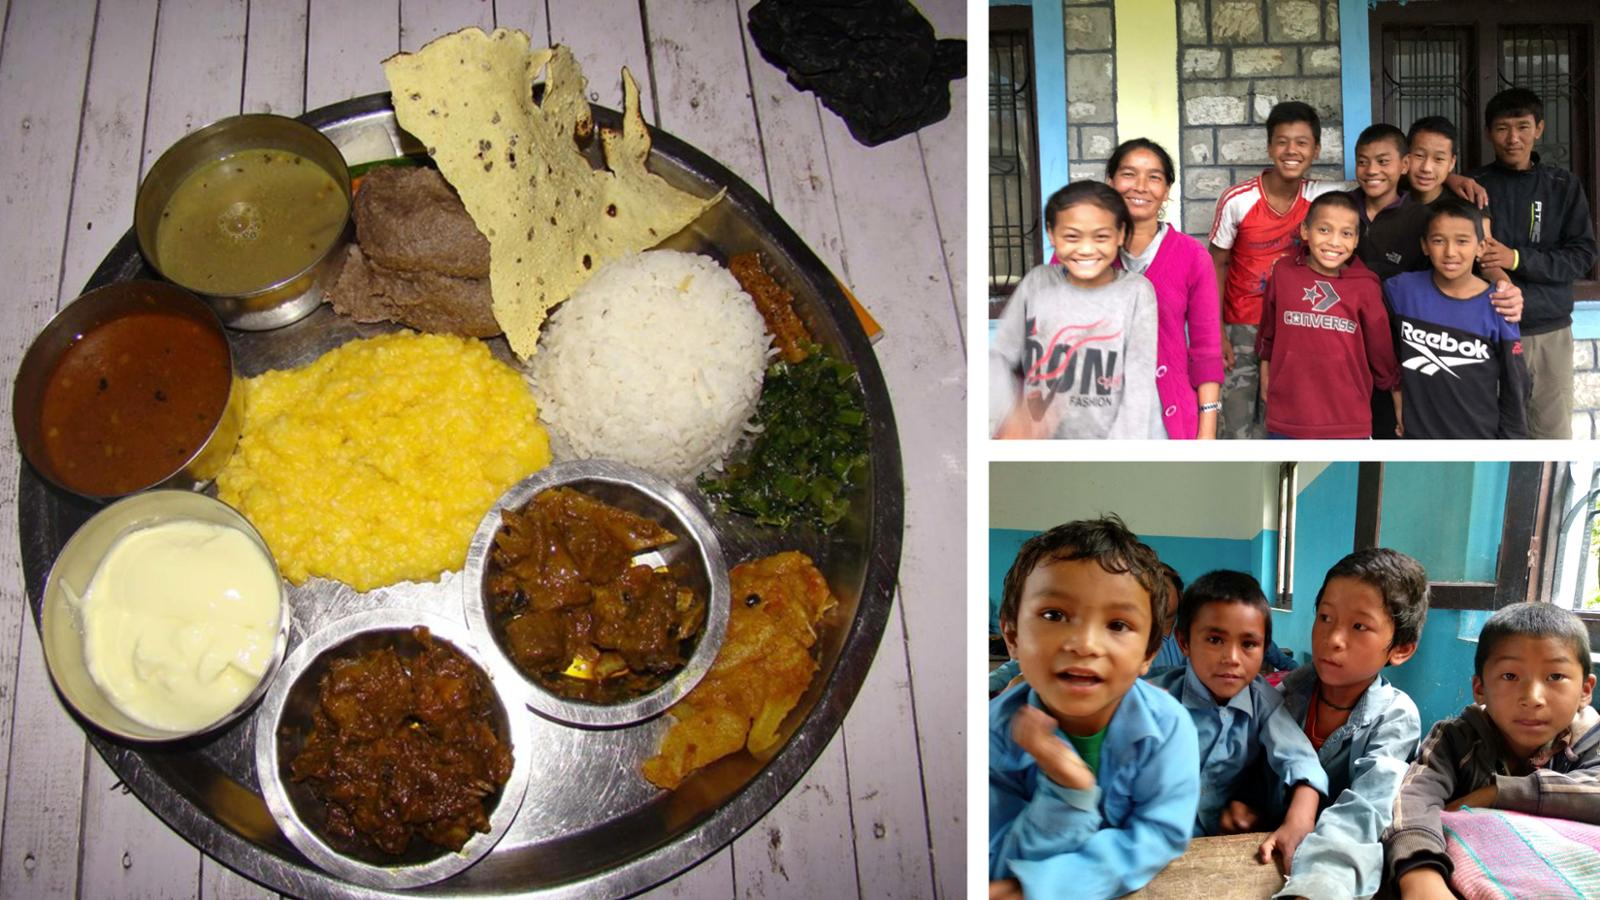 SOS Himalaya-Fcón Iñaki Ochoa de Olza. Proyecto 1 €, 1 comida